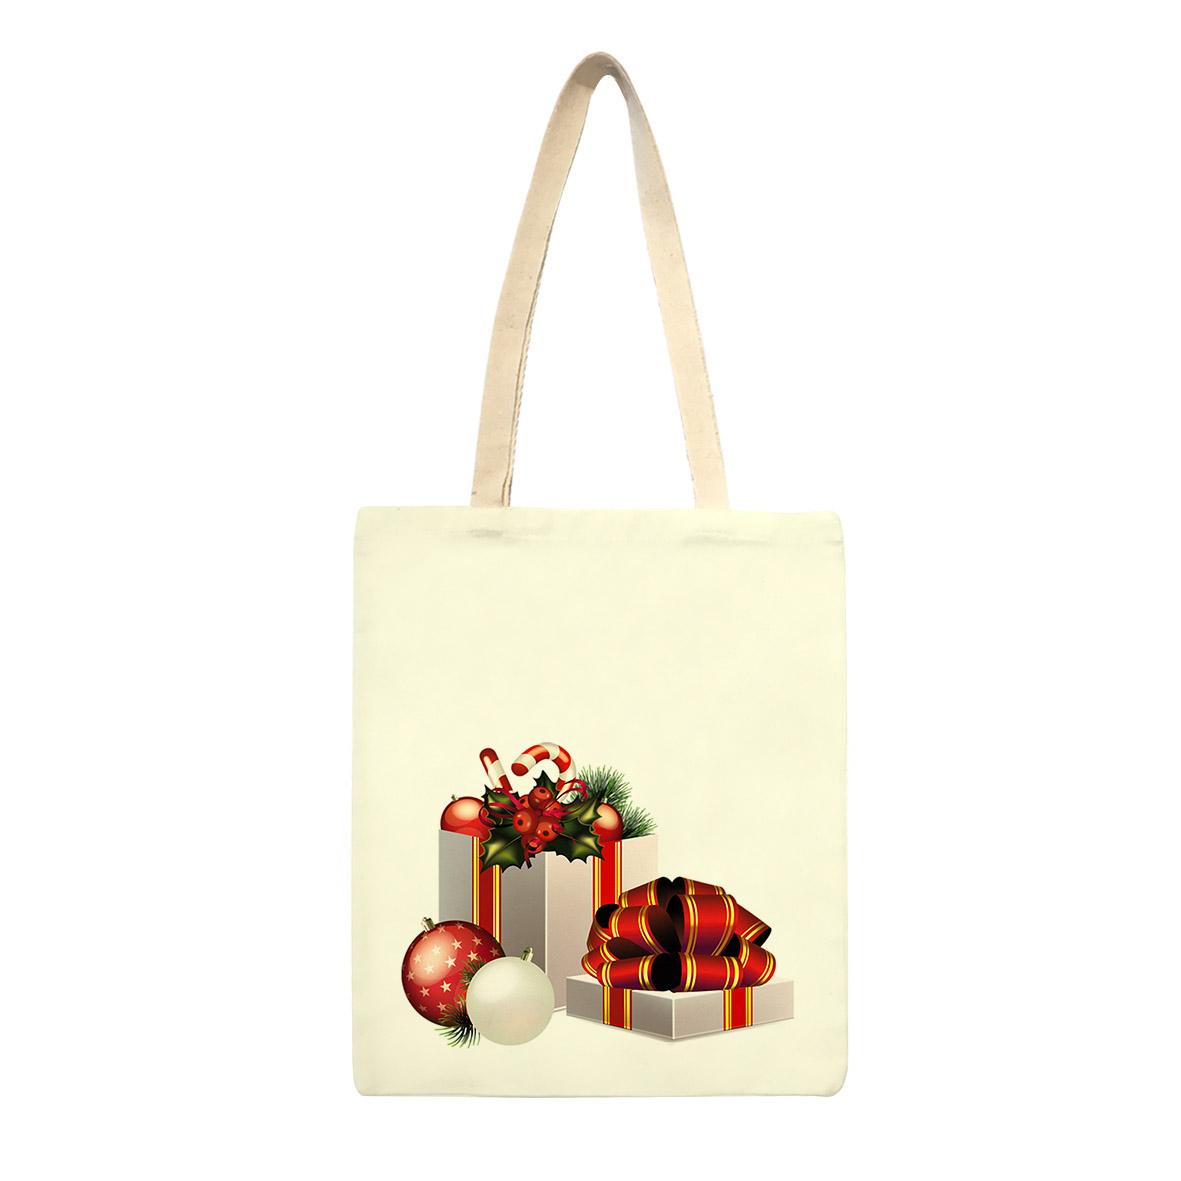 ساک خرید طرح کریسمس کد sk74